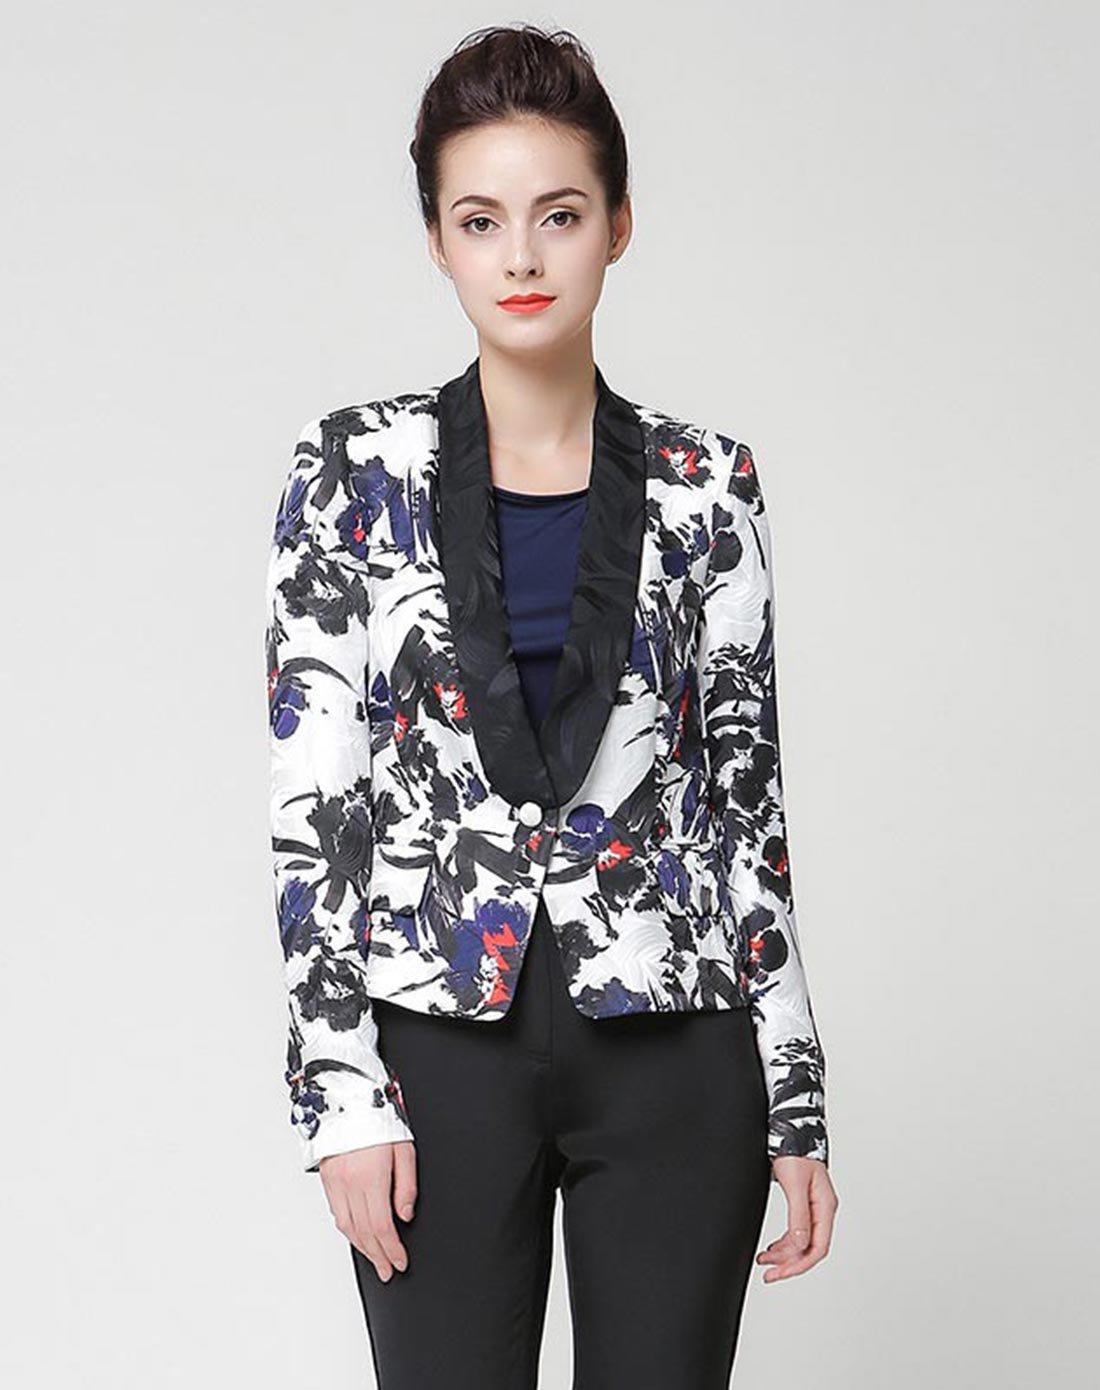 维欧艾VOA一粒扣提花西装女外套通勤长袖短款黑白色真丝上衣W625627